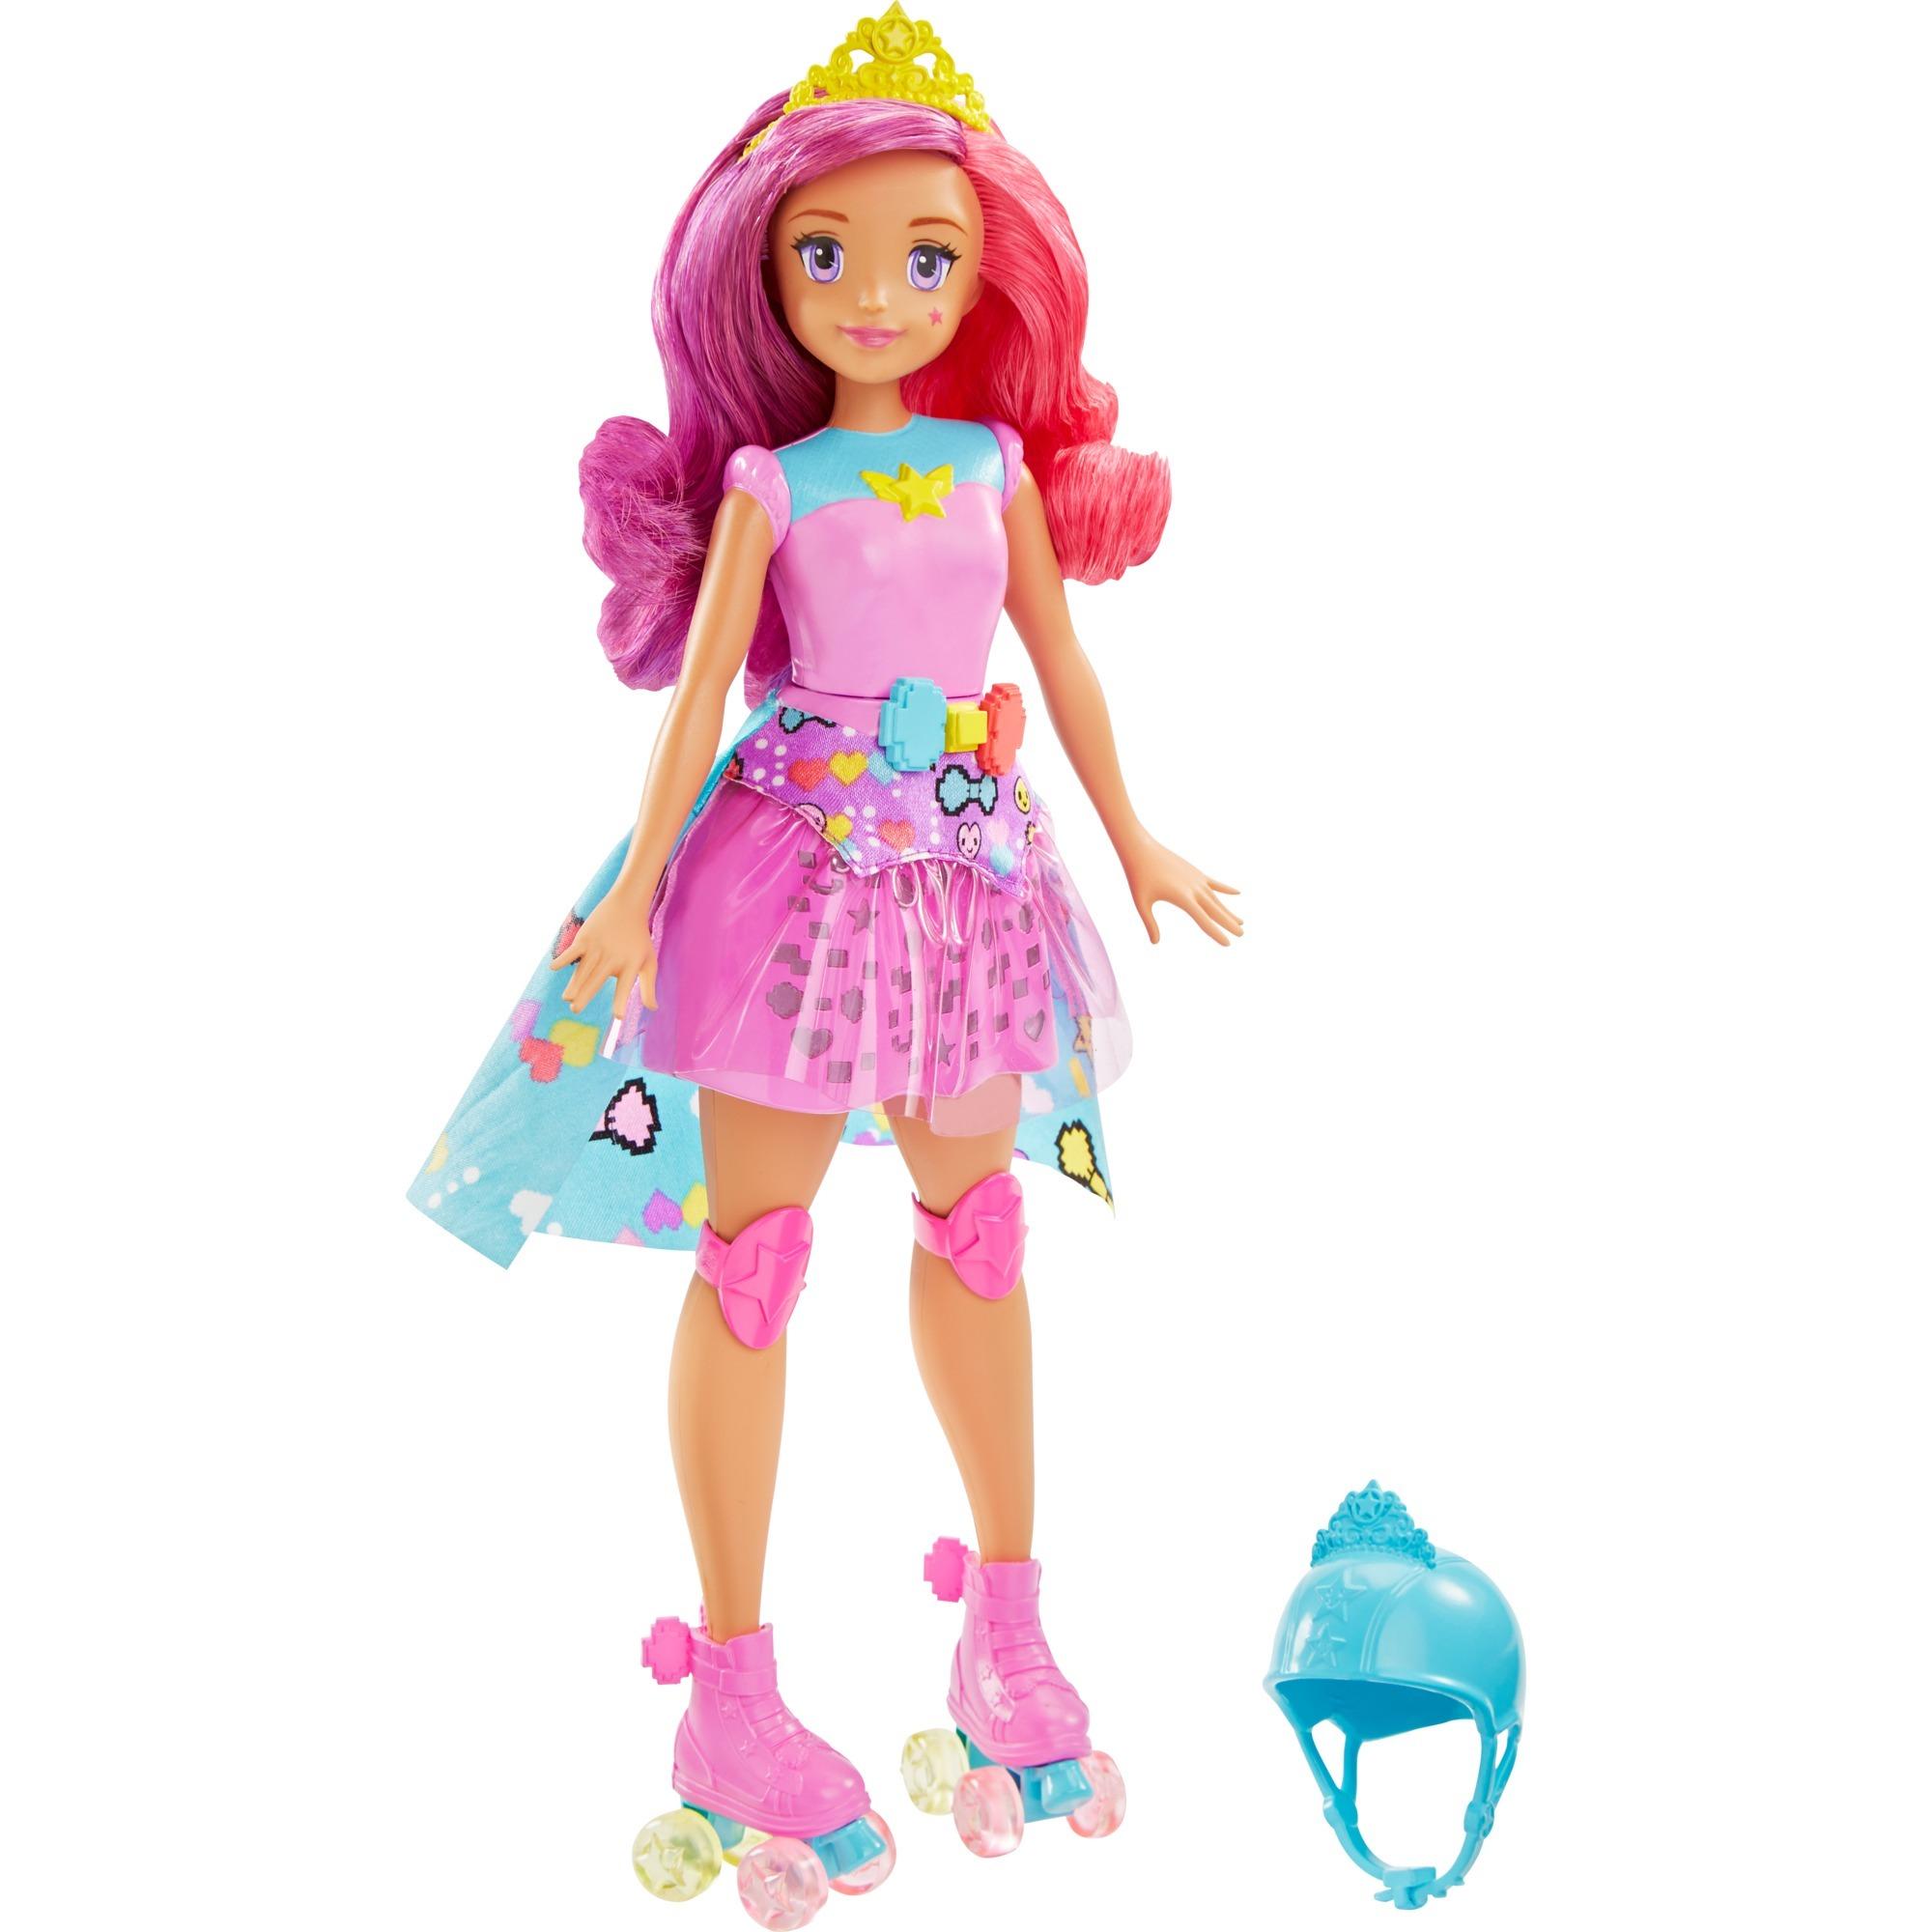 barbie-prinsesse-med-rulleskojter-dukke